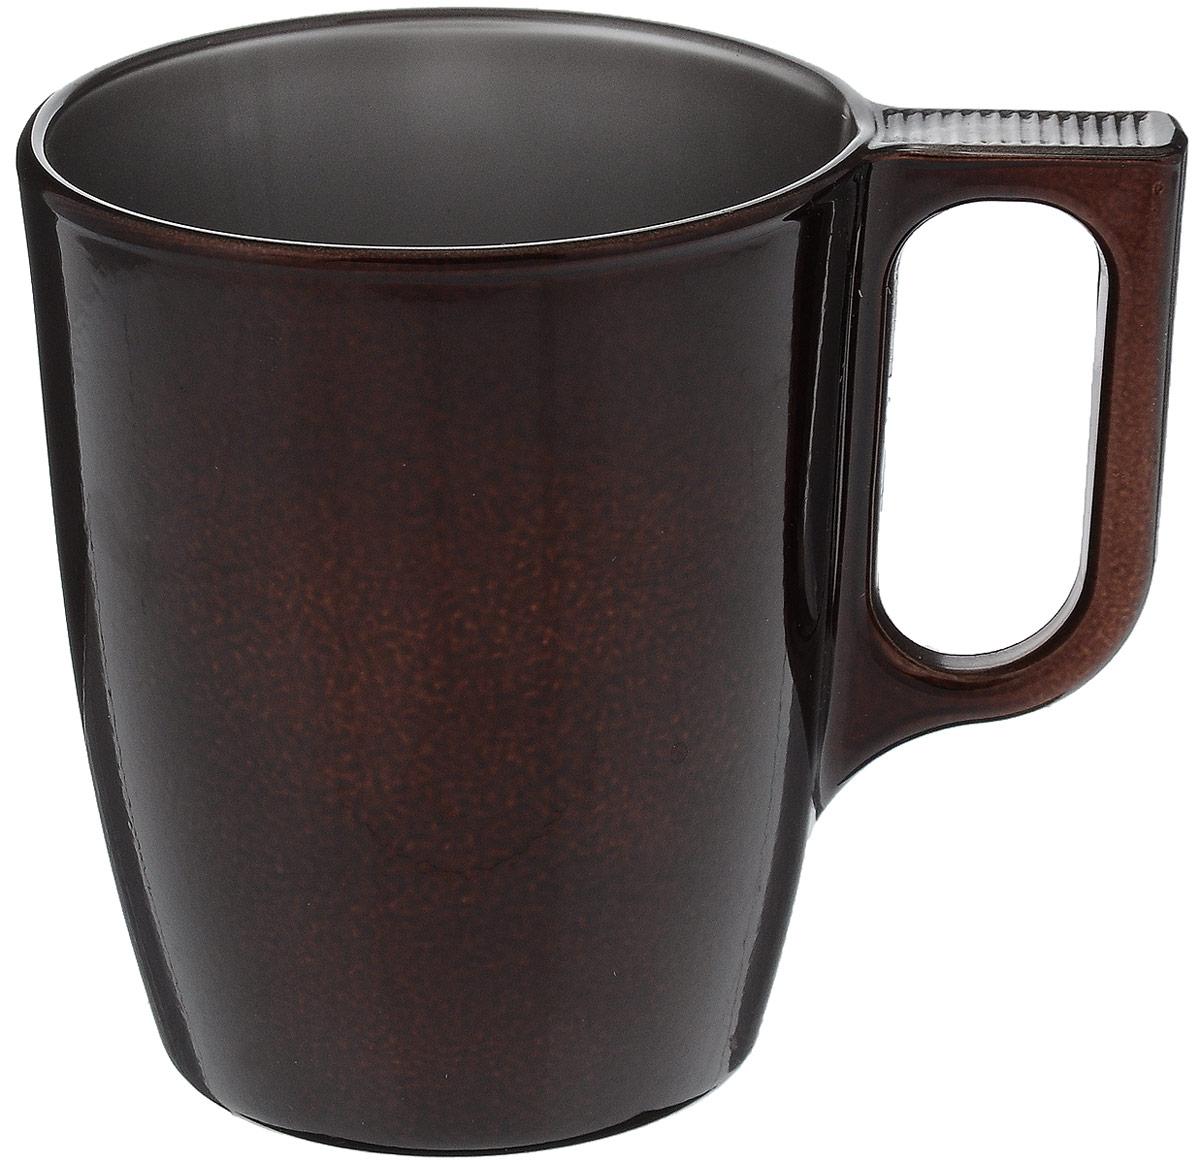 Кружка Luminarc FLASHY COLORS CHOCOLATE , цвет: коричневый, 250 млJ1120Кружка Flashy Colors Chocolate выполнена в современном дизайне и имеет приятный насыщенный цвет. Кофе, чай, какао, любой напиток покажется в ней ароматнее и вкуснее. Кружка объемом 250 мл подойдет для ежедневного использования на кухне с любым интерьером. Кружка изготовлена из ударопрочного стекла и не впитывает запахи. Она может быть использована в СВЧ-печи и посудомоечной машине. Диаметр кружки по верхнему краю: 7,4 см. Высота: 9 см.